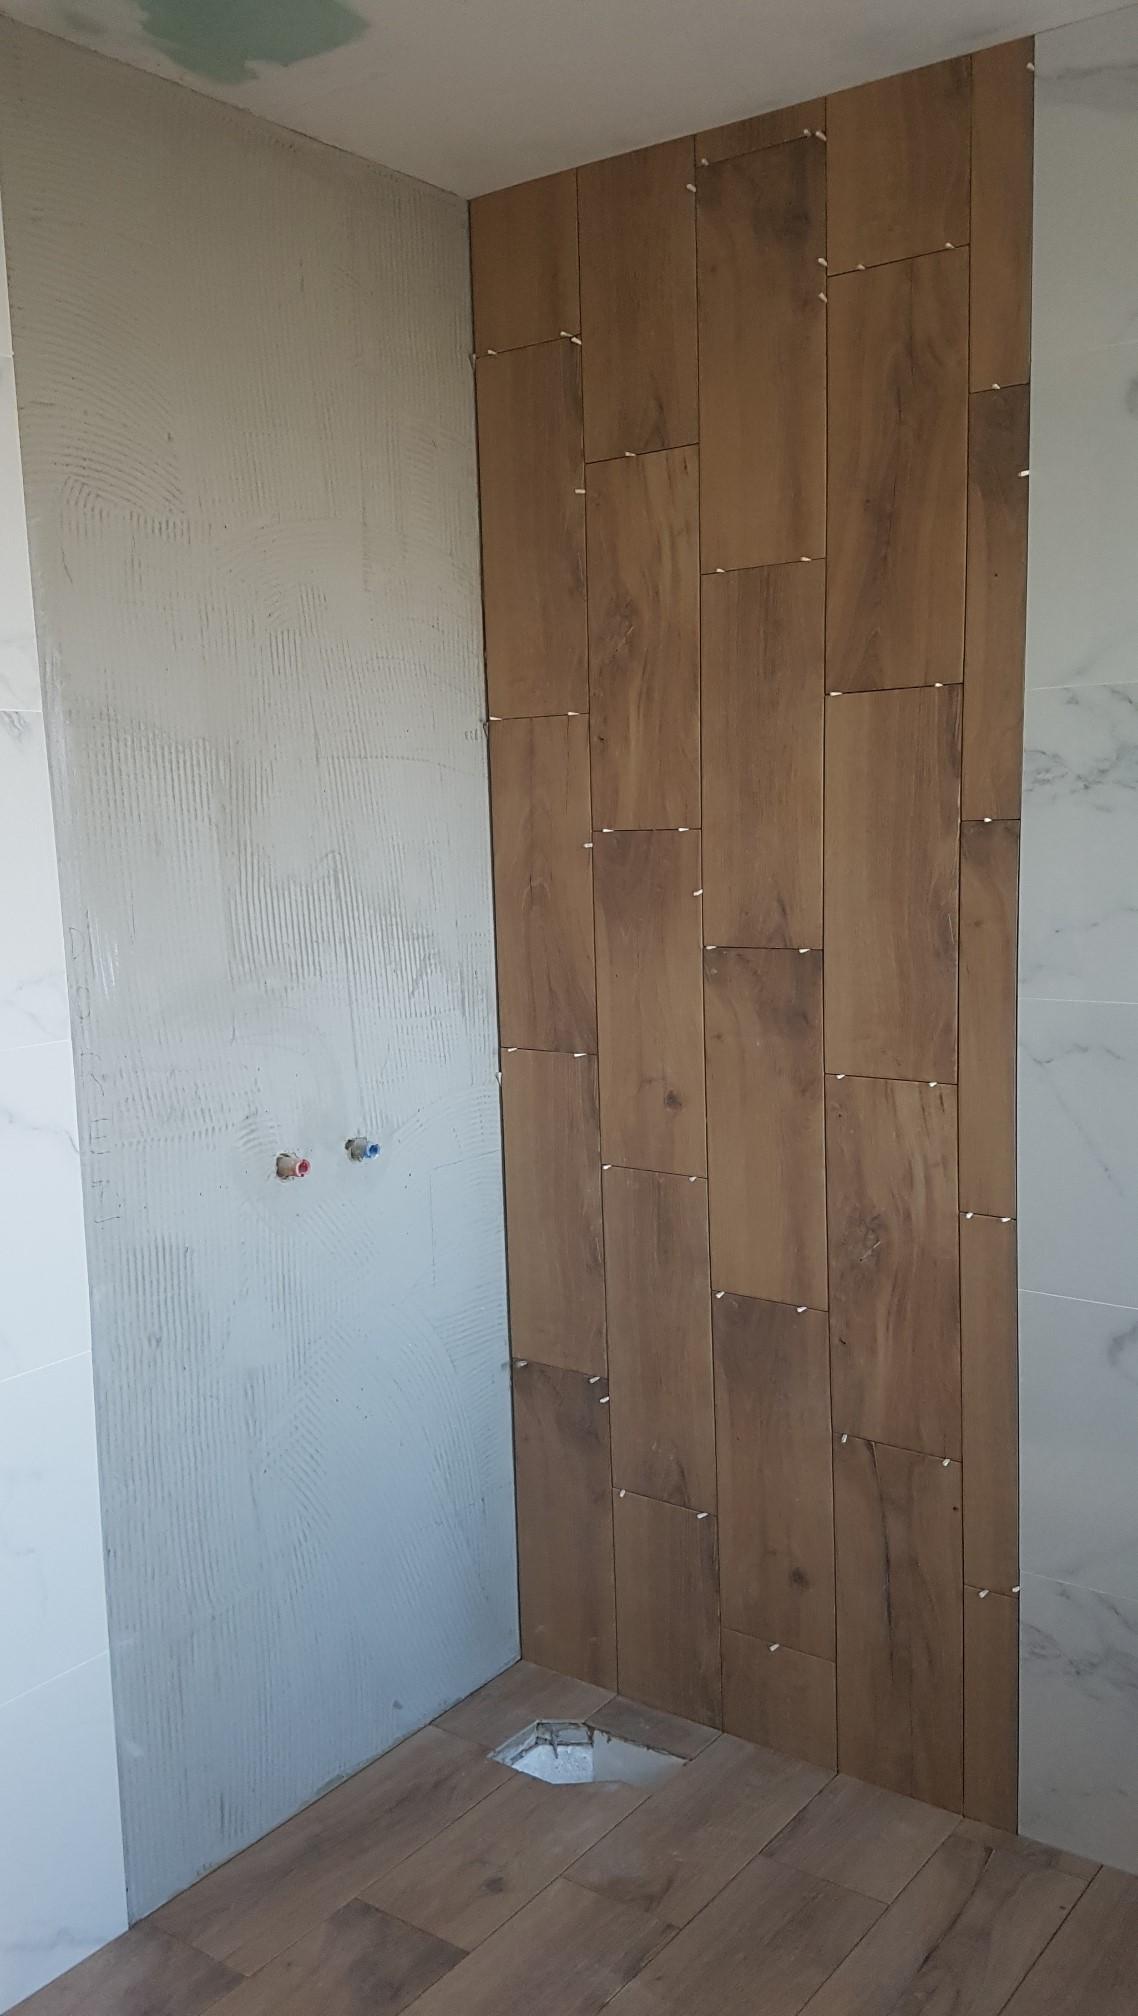 lepenie obkladu v kúpeľne 2 (Bat)